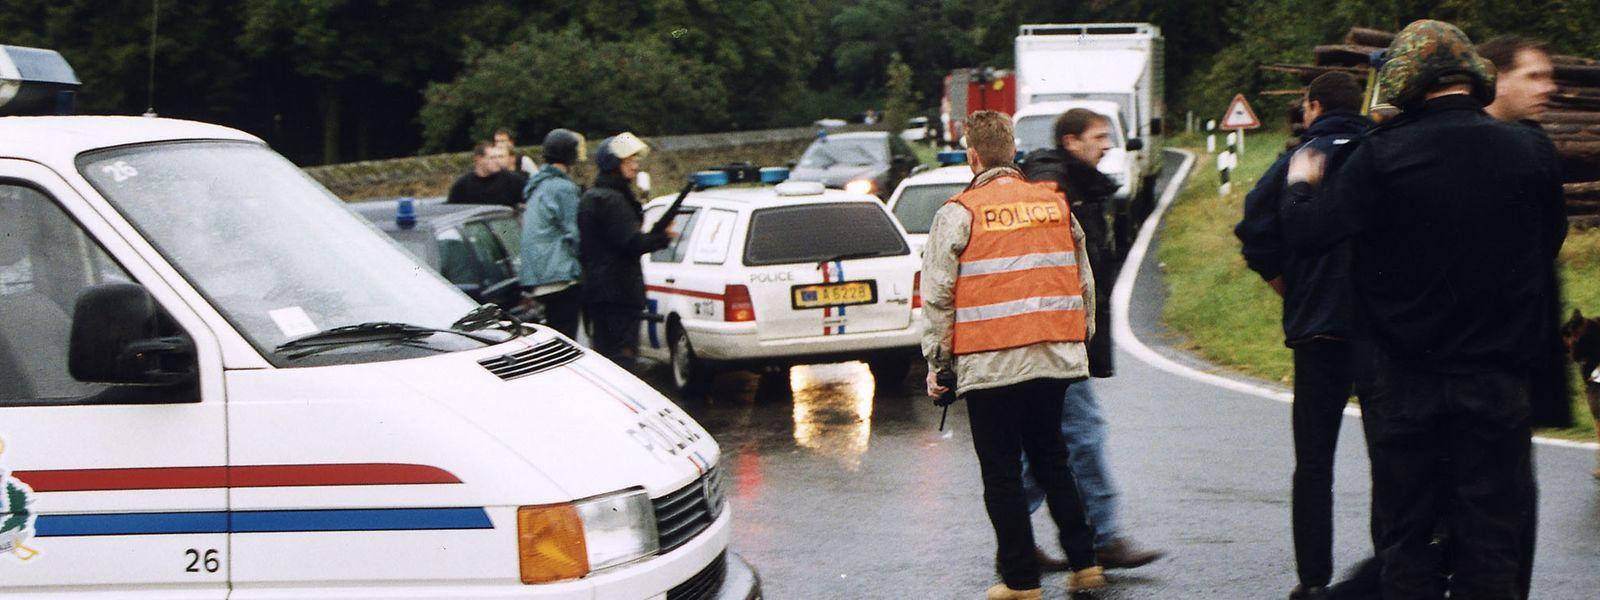 Nach dem Überfall auf den Geldtransporter in Findel wurde ein Täter in Scheidhof festgenommen. Fast 14Jahre saß er in Luxemburg im Gefängnis. In der vergangenen Woche wollte er in Belgien eine Bank überfallen.